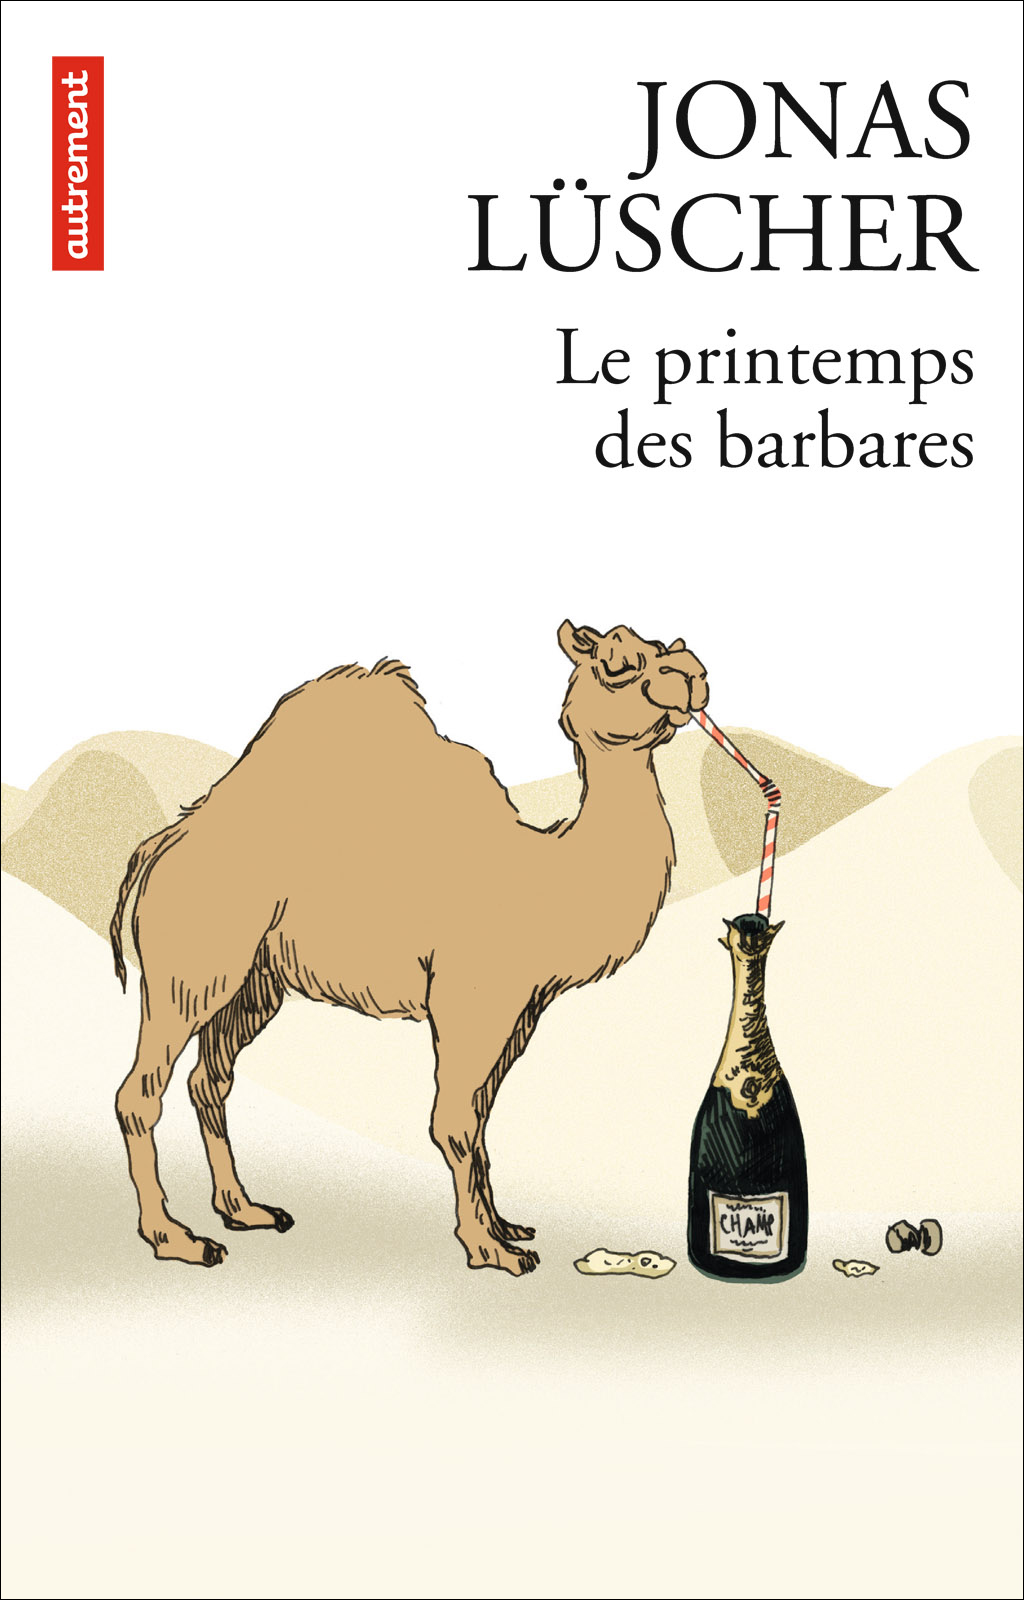 LE PRINTEMPS DES BARBARES